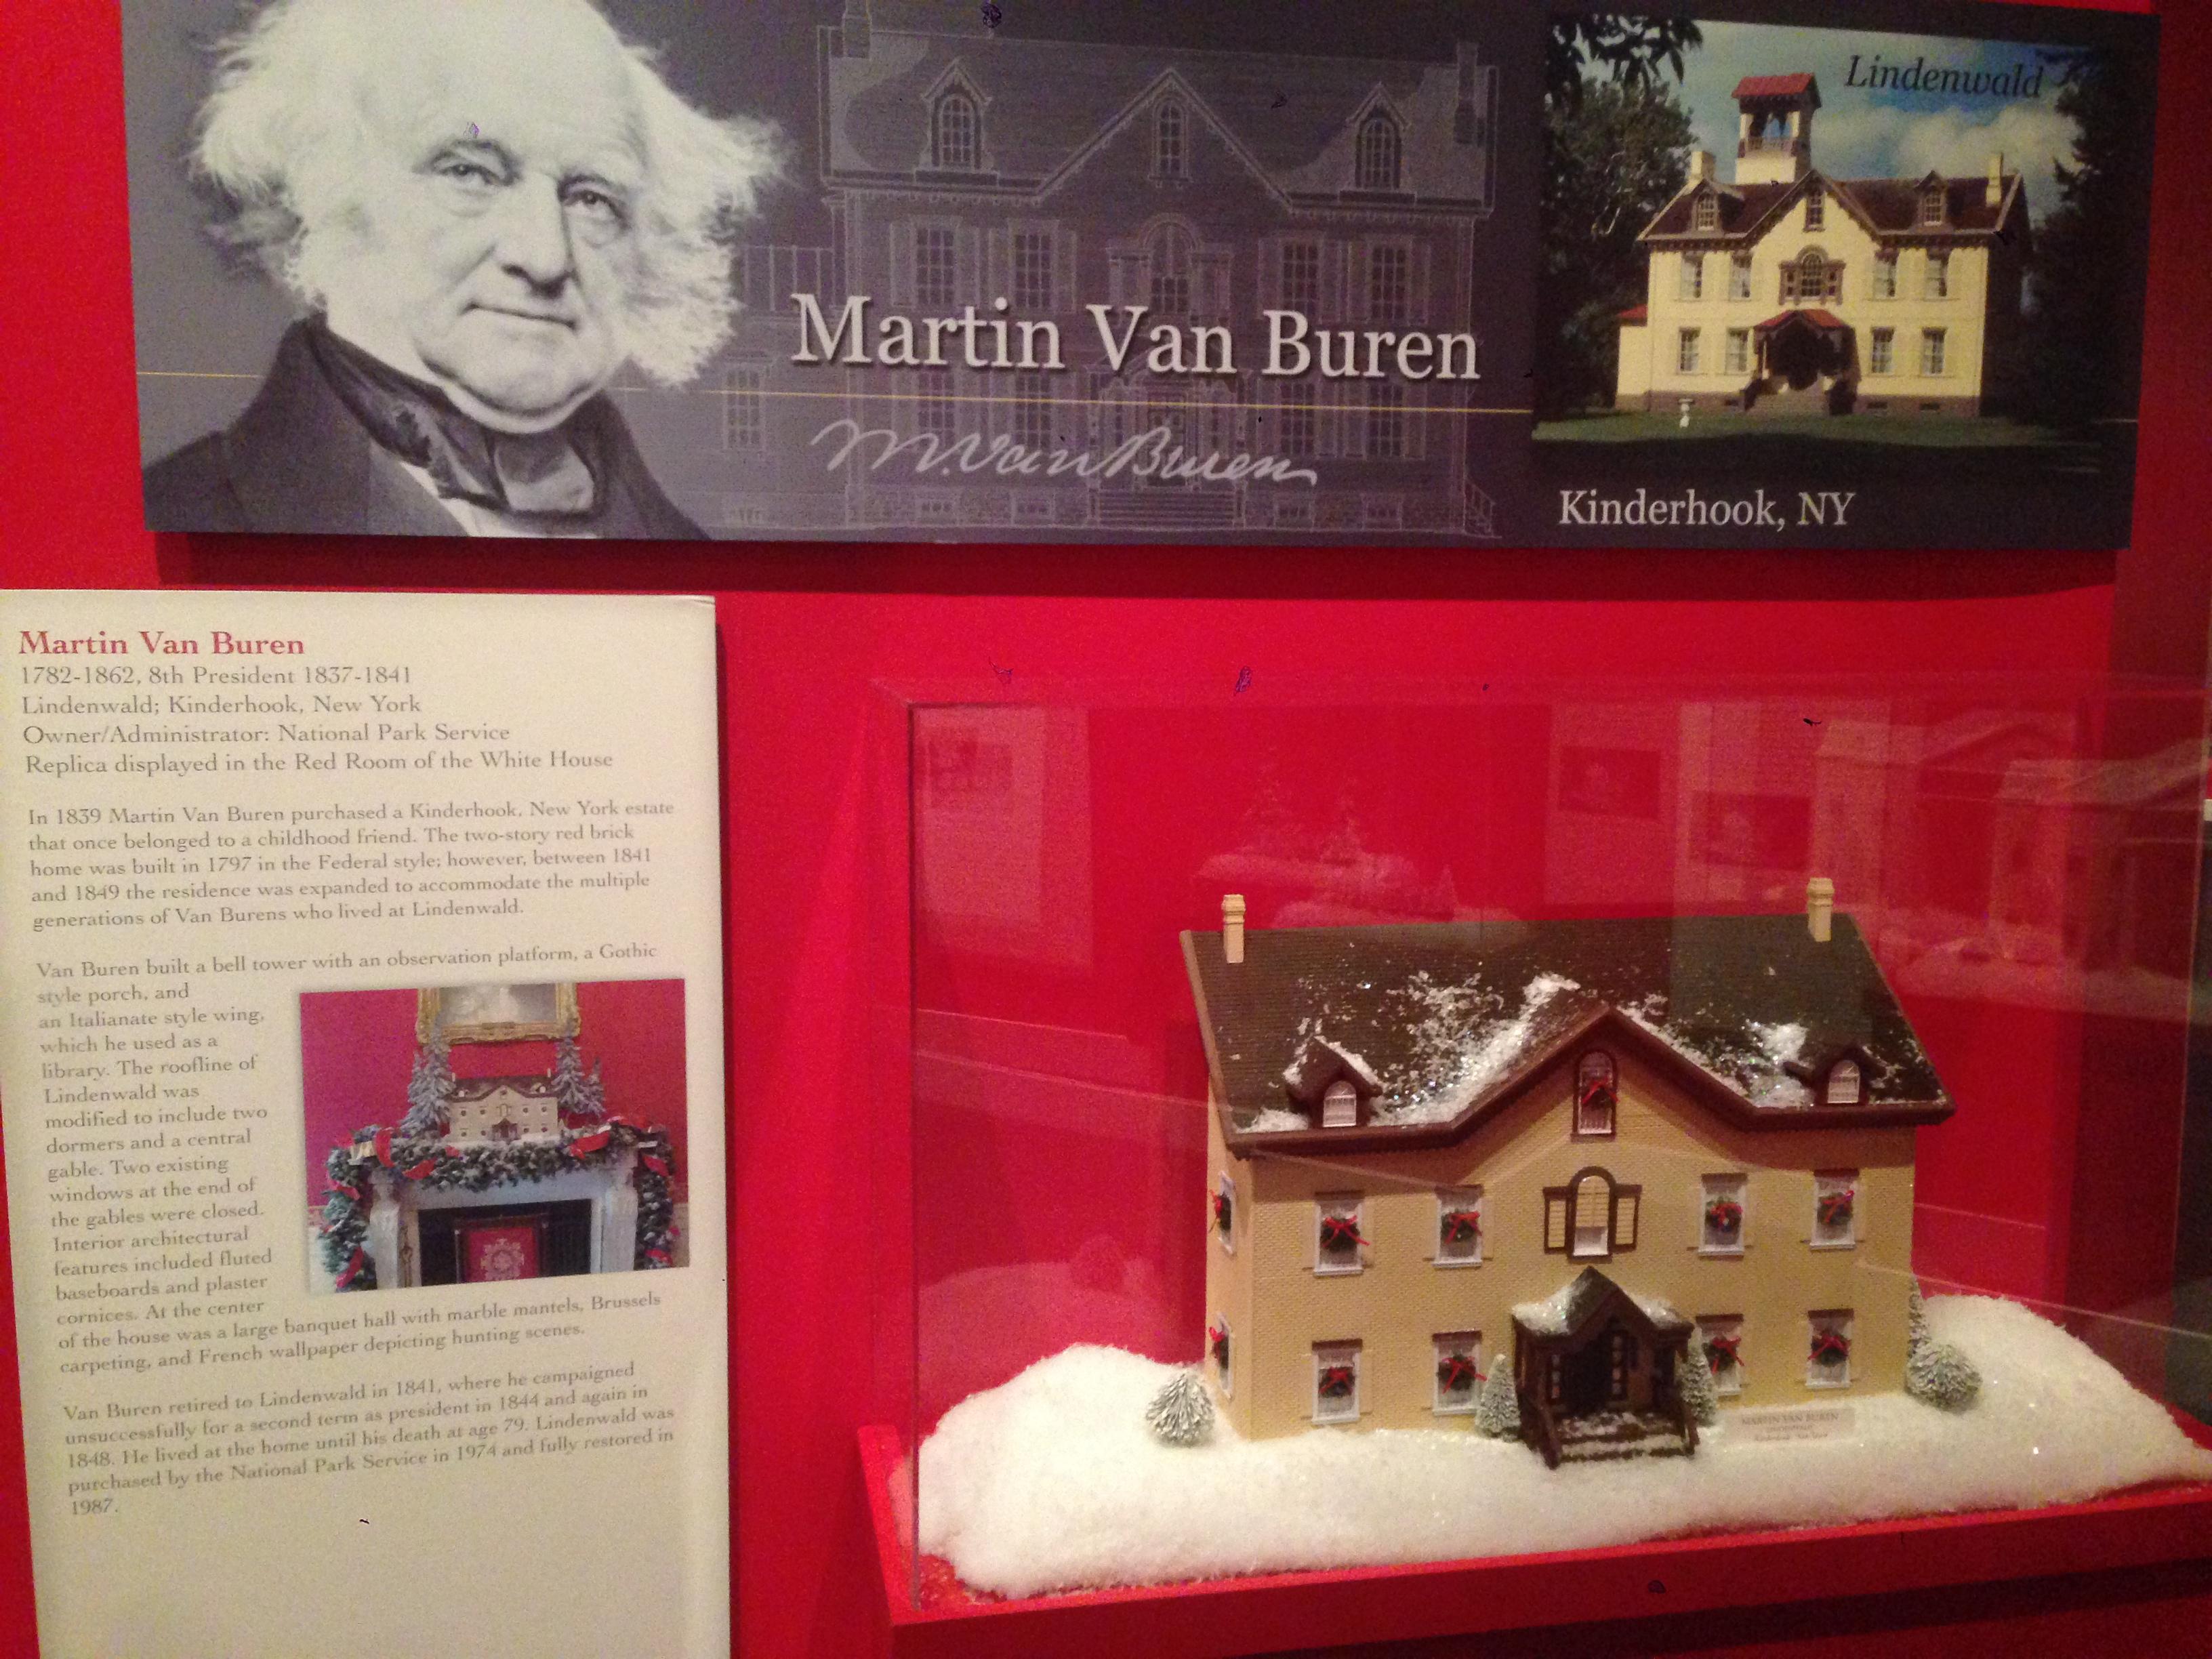 Van Buren's Christmas House